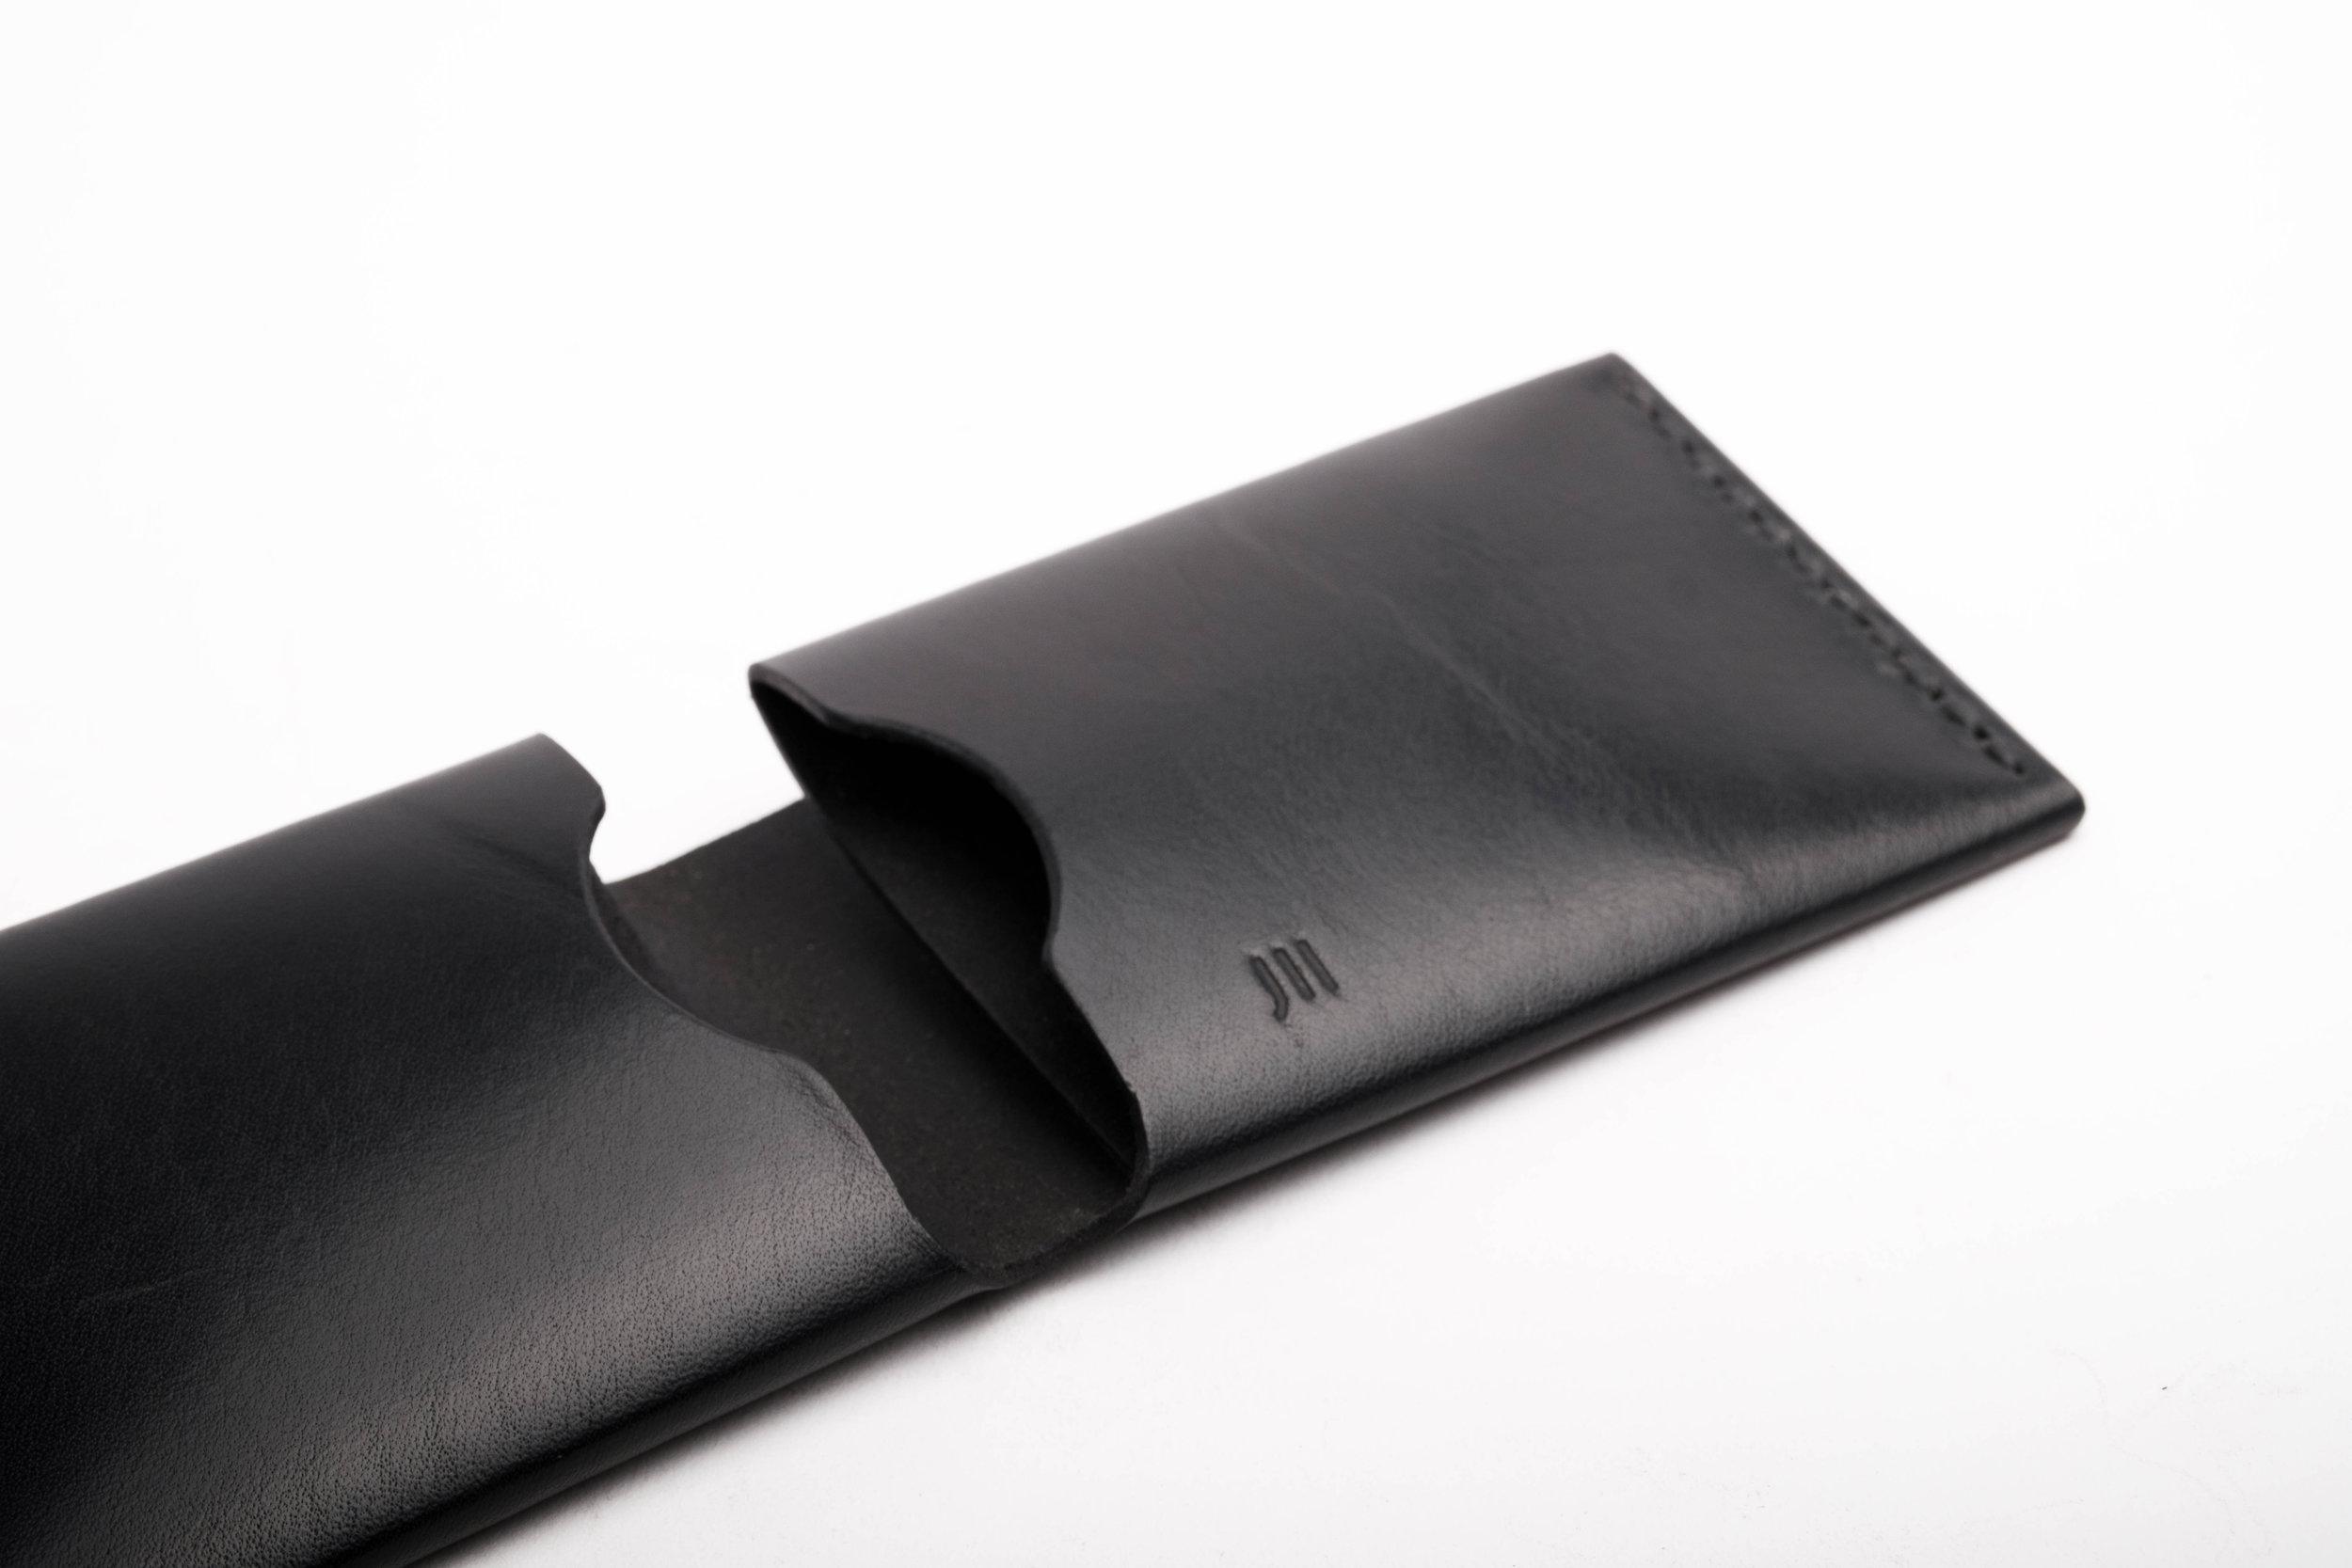 wallet.card.holder.leather.handmade.ateliermaas.6.jpg